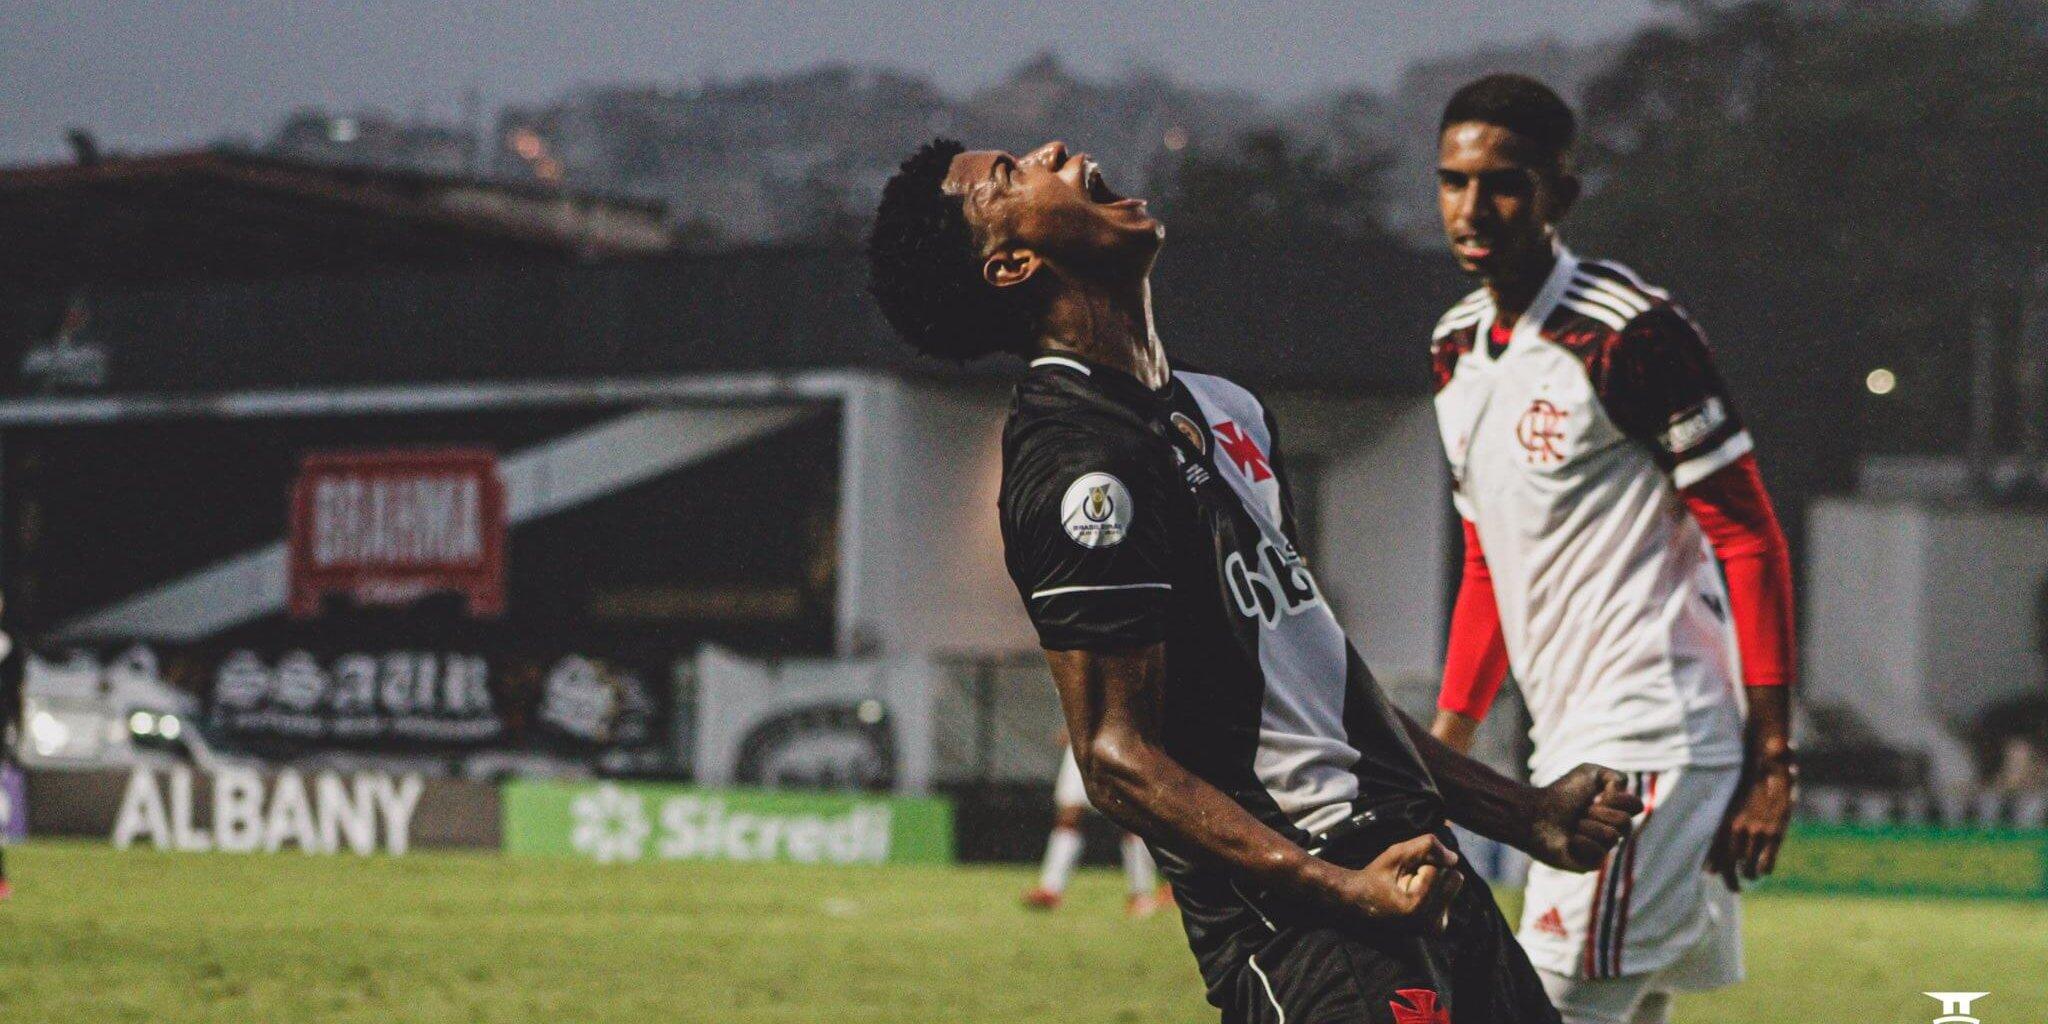 Vasco vence o Flamengo por 3x1 no Sub-17